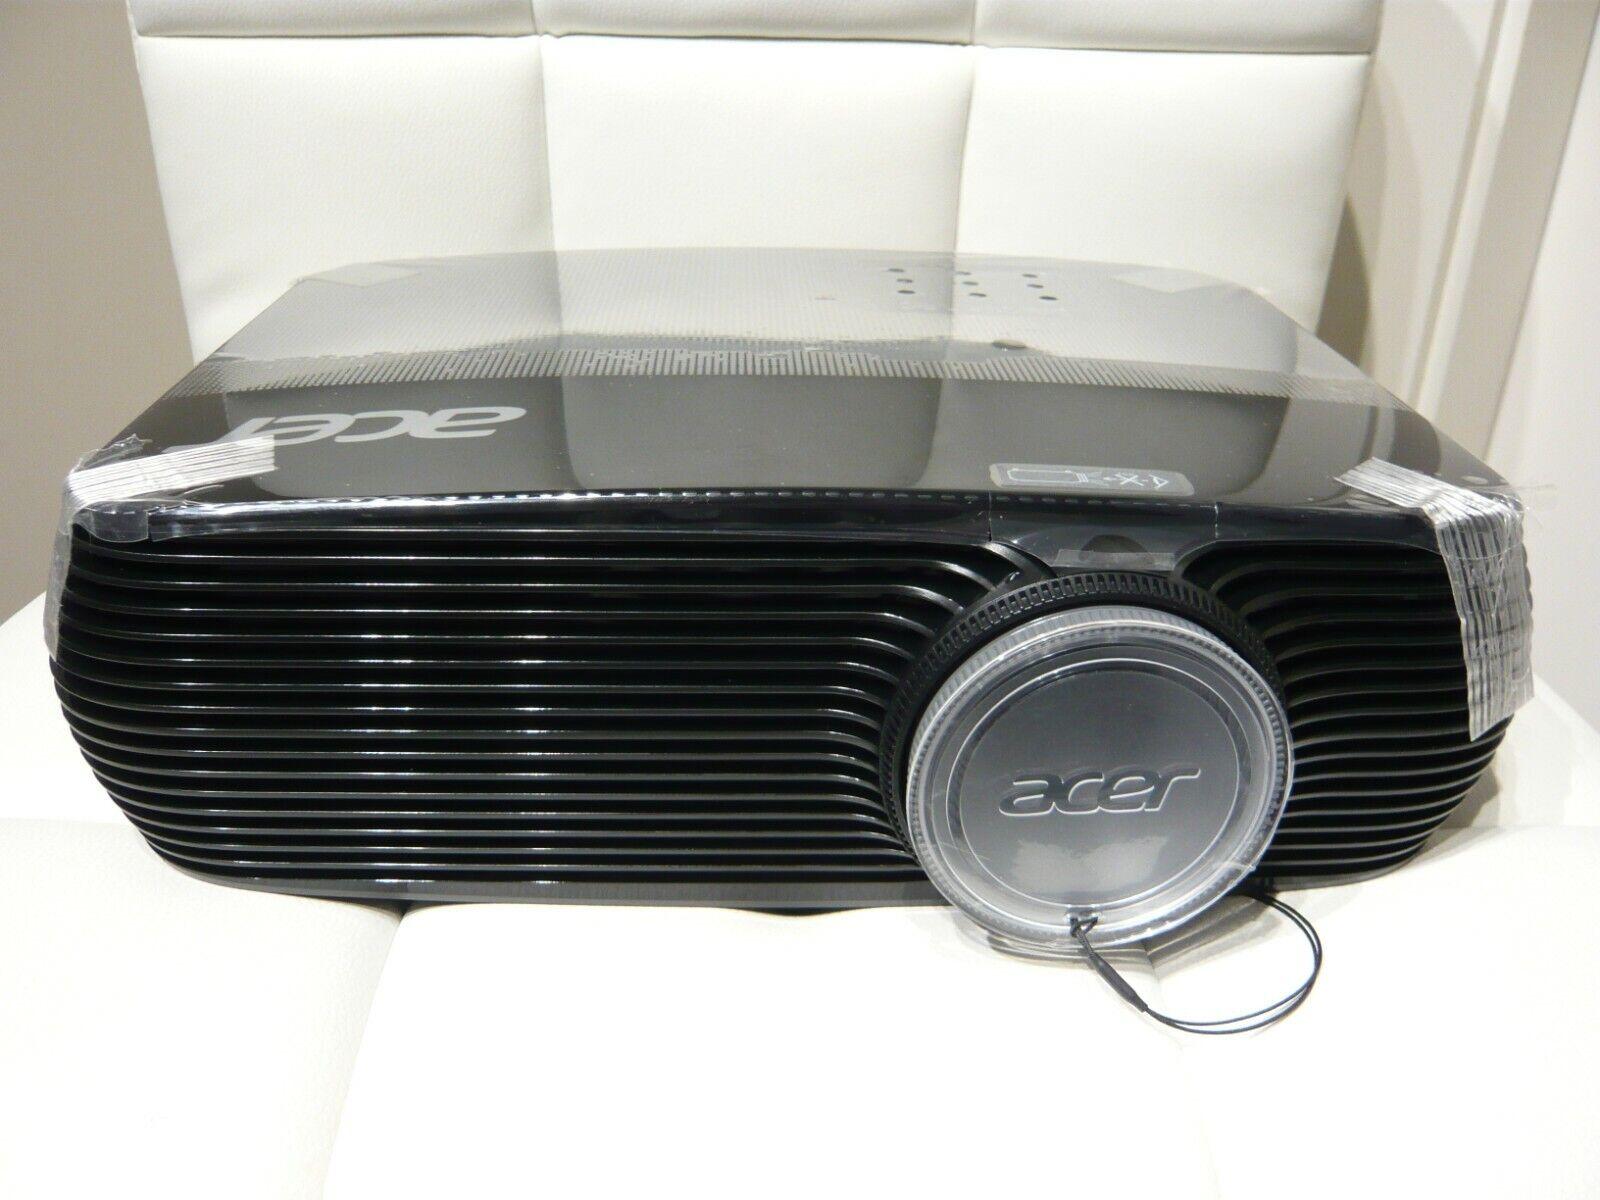 Acer Beamer - X1326WH - 4000 lm - 300 Zoll - 15000 Stunden - 24 dBA - Neuwertig